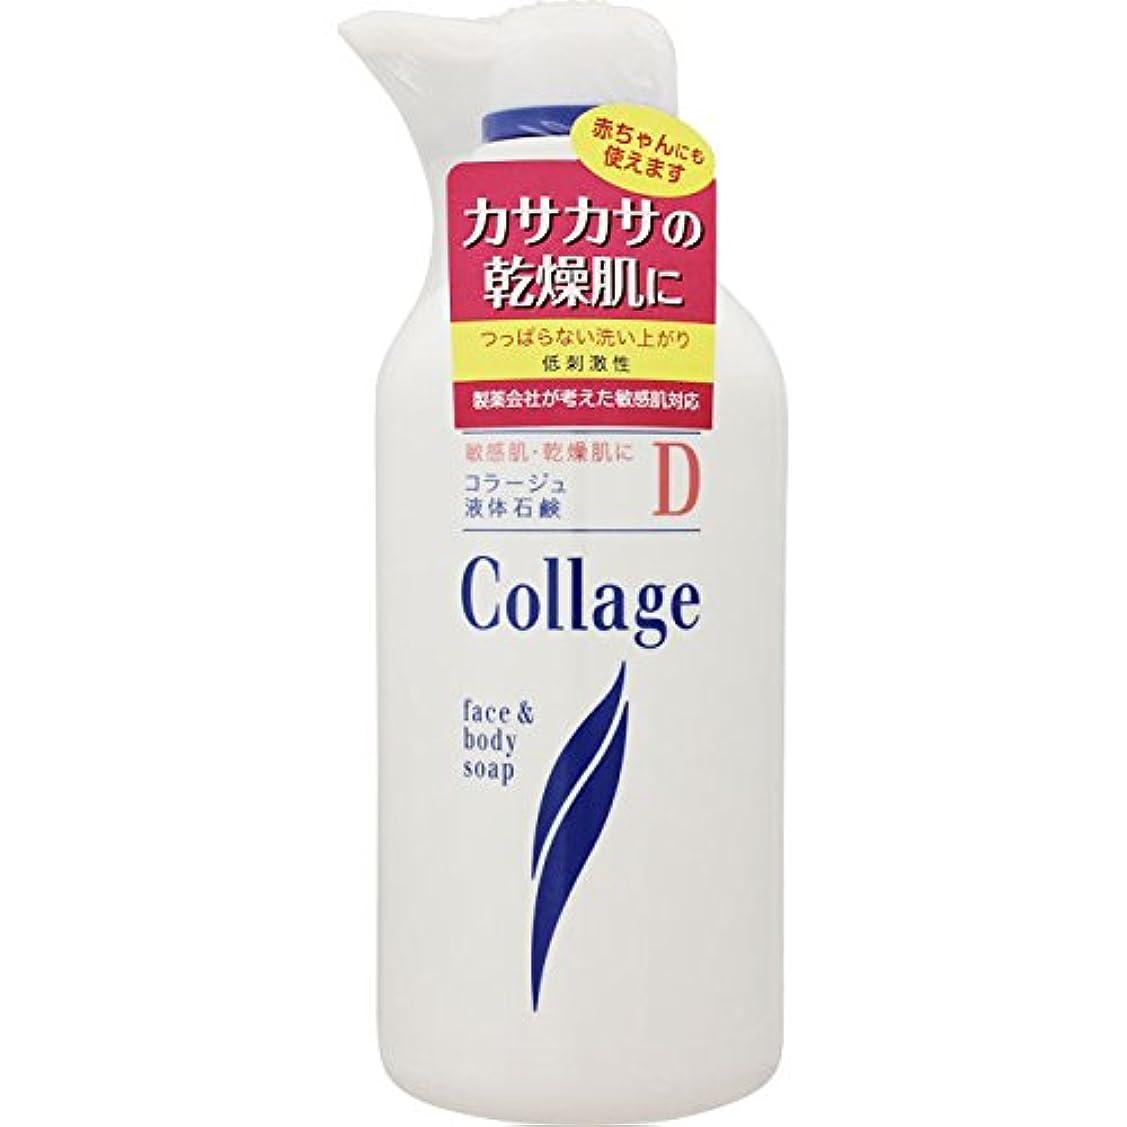 発送契約したこしょう持田ヘルスケア コラージュD液体石鹸 400ml